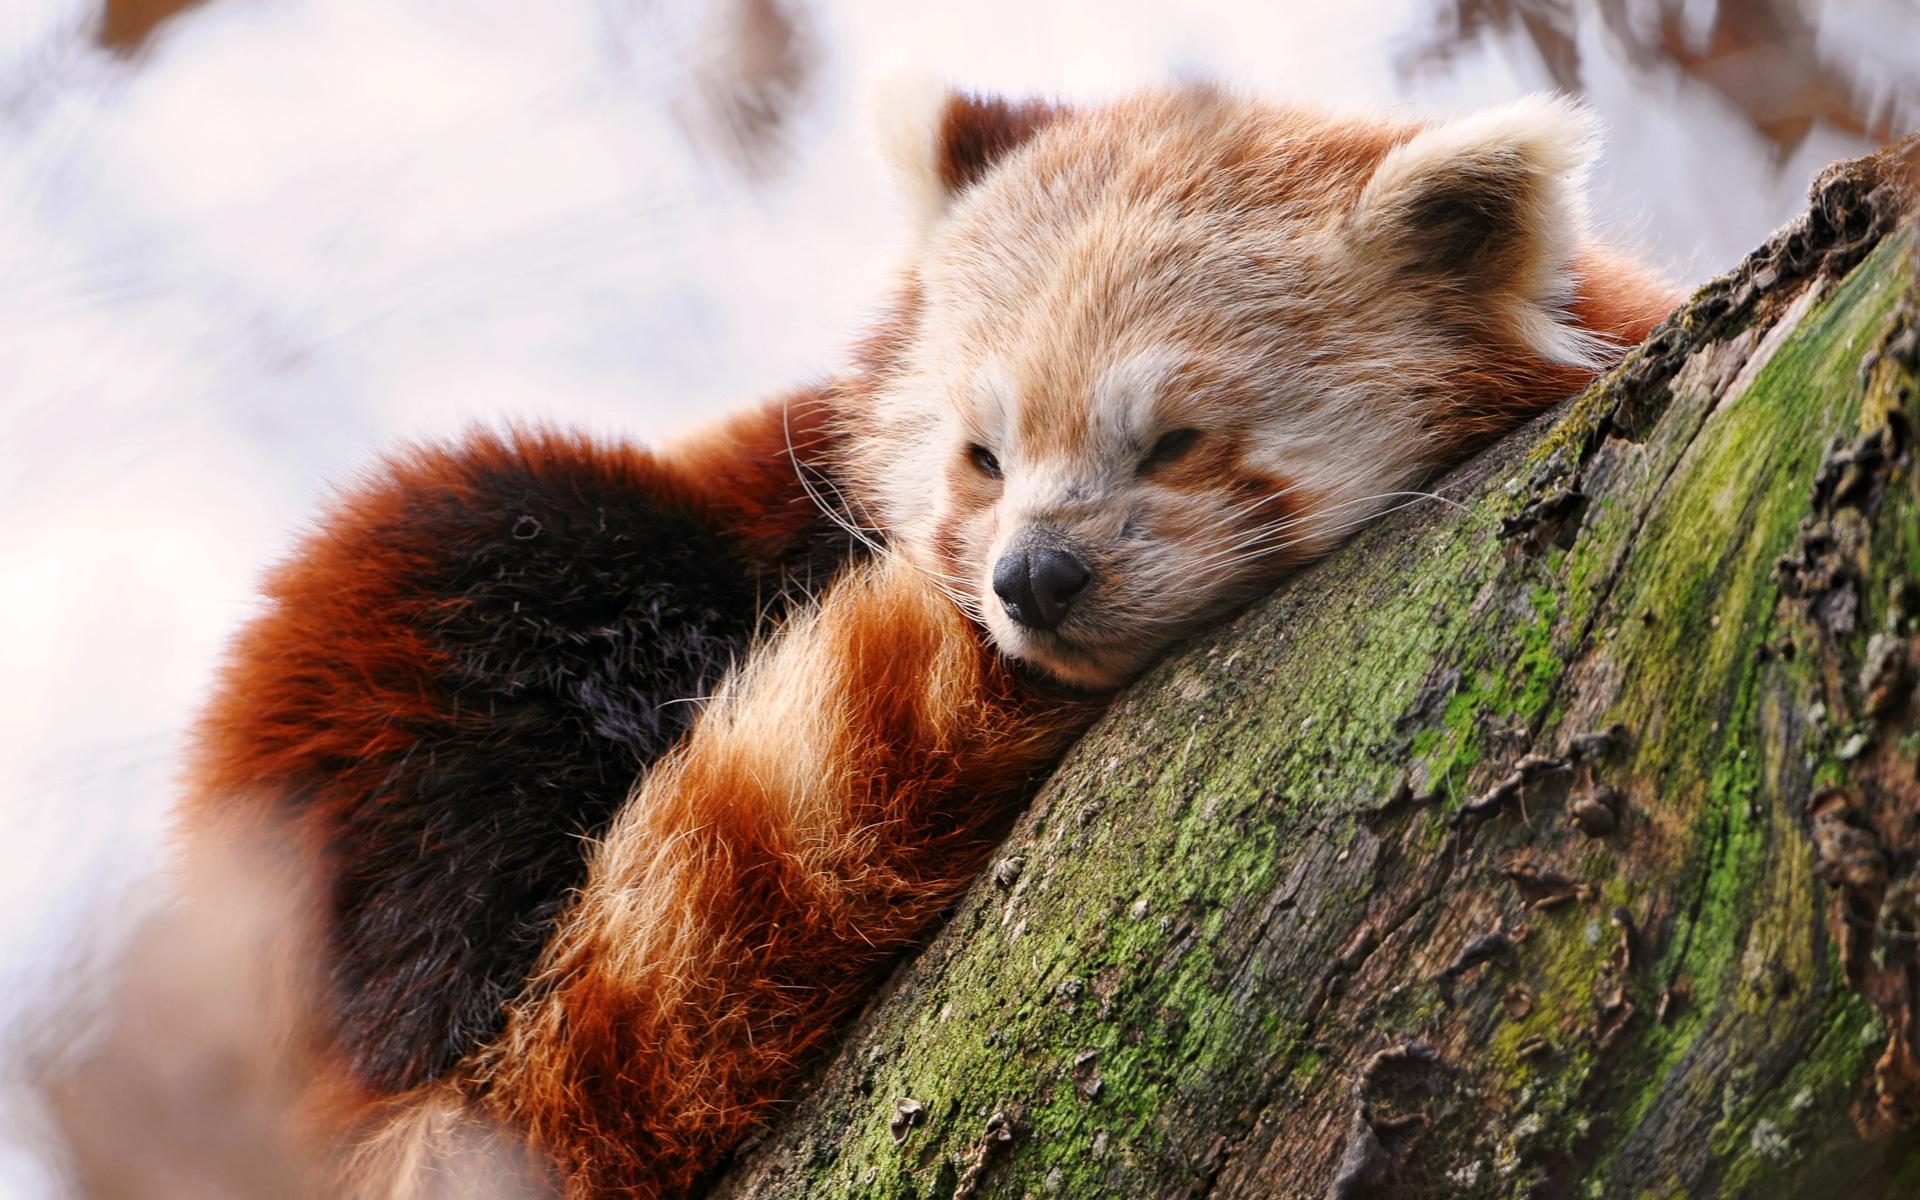 28 Wonderful HD Red Panda Wallpapers - HDWallSource.com  Cute Red Panda Wallpaper